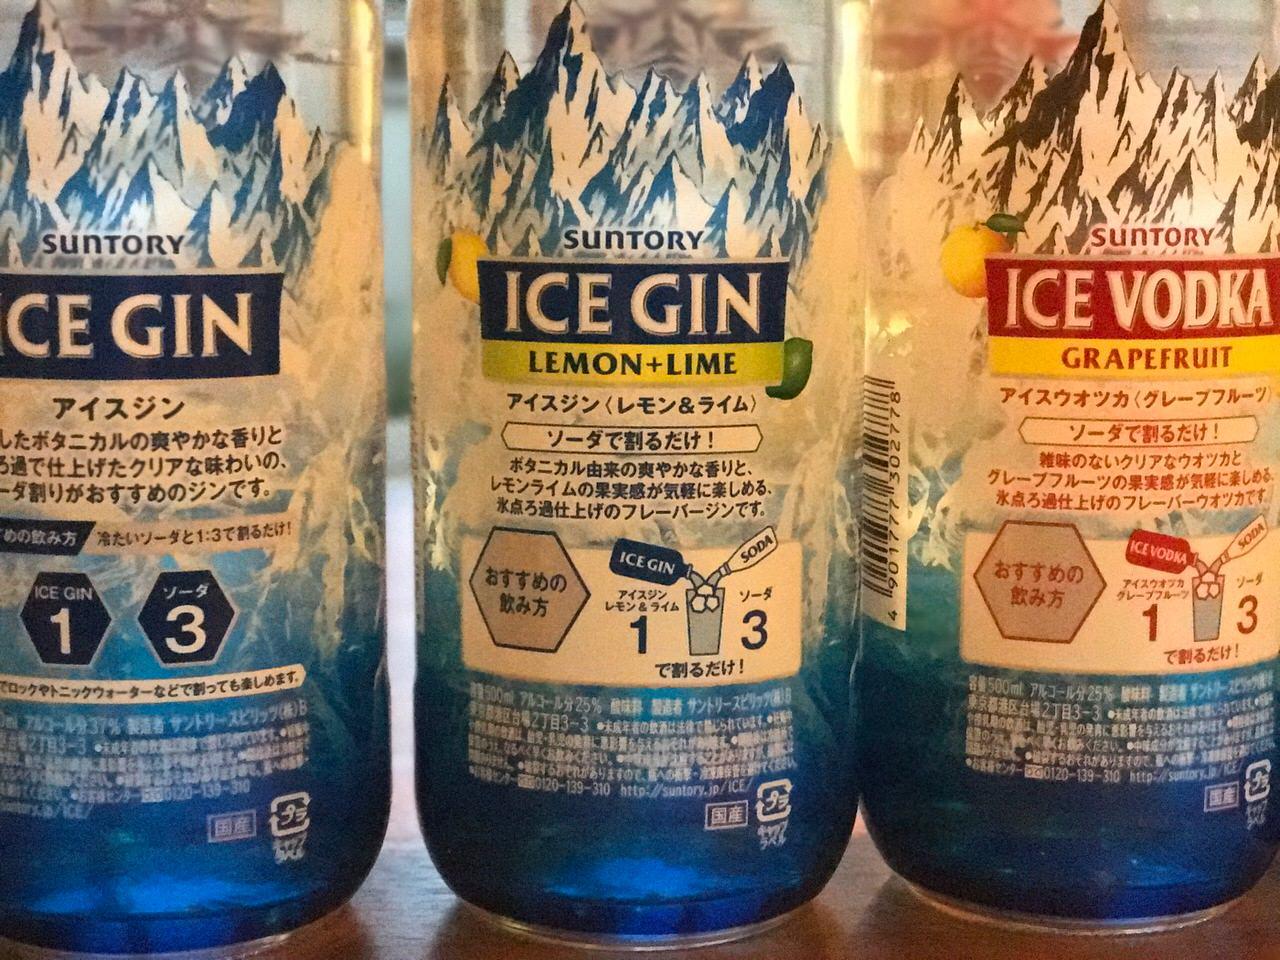 Suntory ice gin 9370